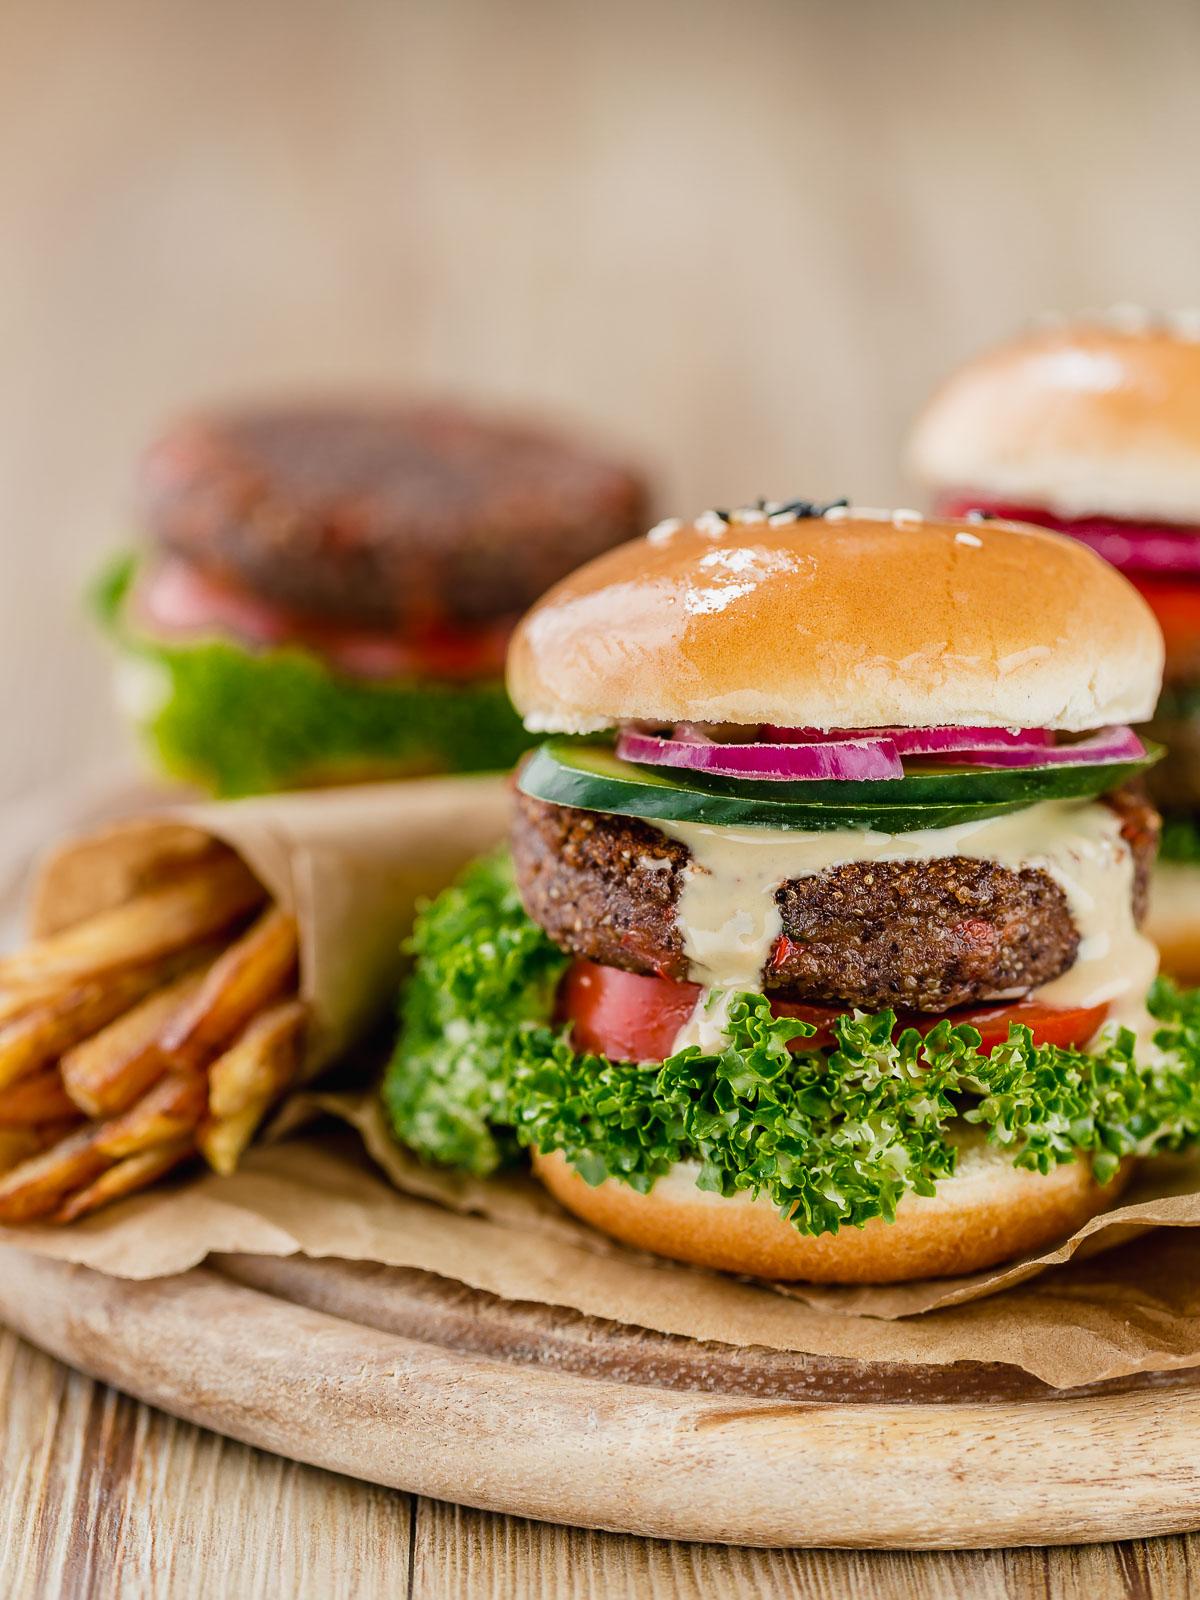 Veggie burger healthy Vegan Quinoa Black Bean Burger recipe gluten-free soy-free egg-free Burger di quinoa e fagioli vegan senza glutine senza uova sano facile veloce proteico